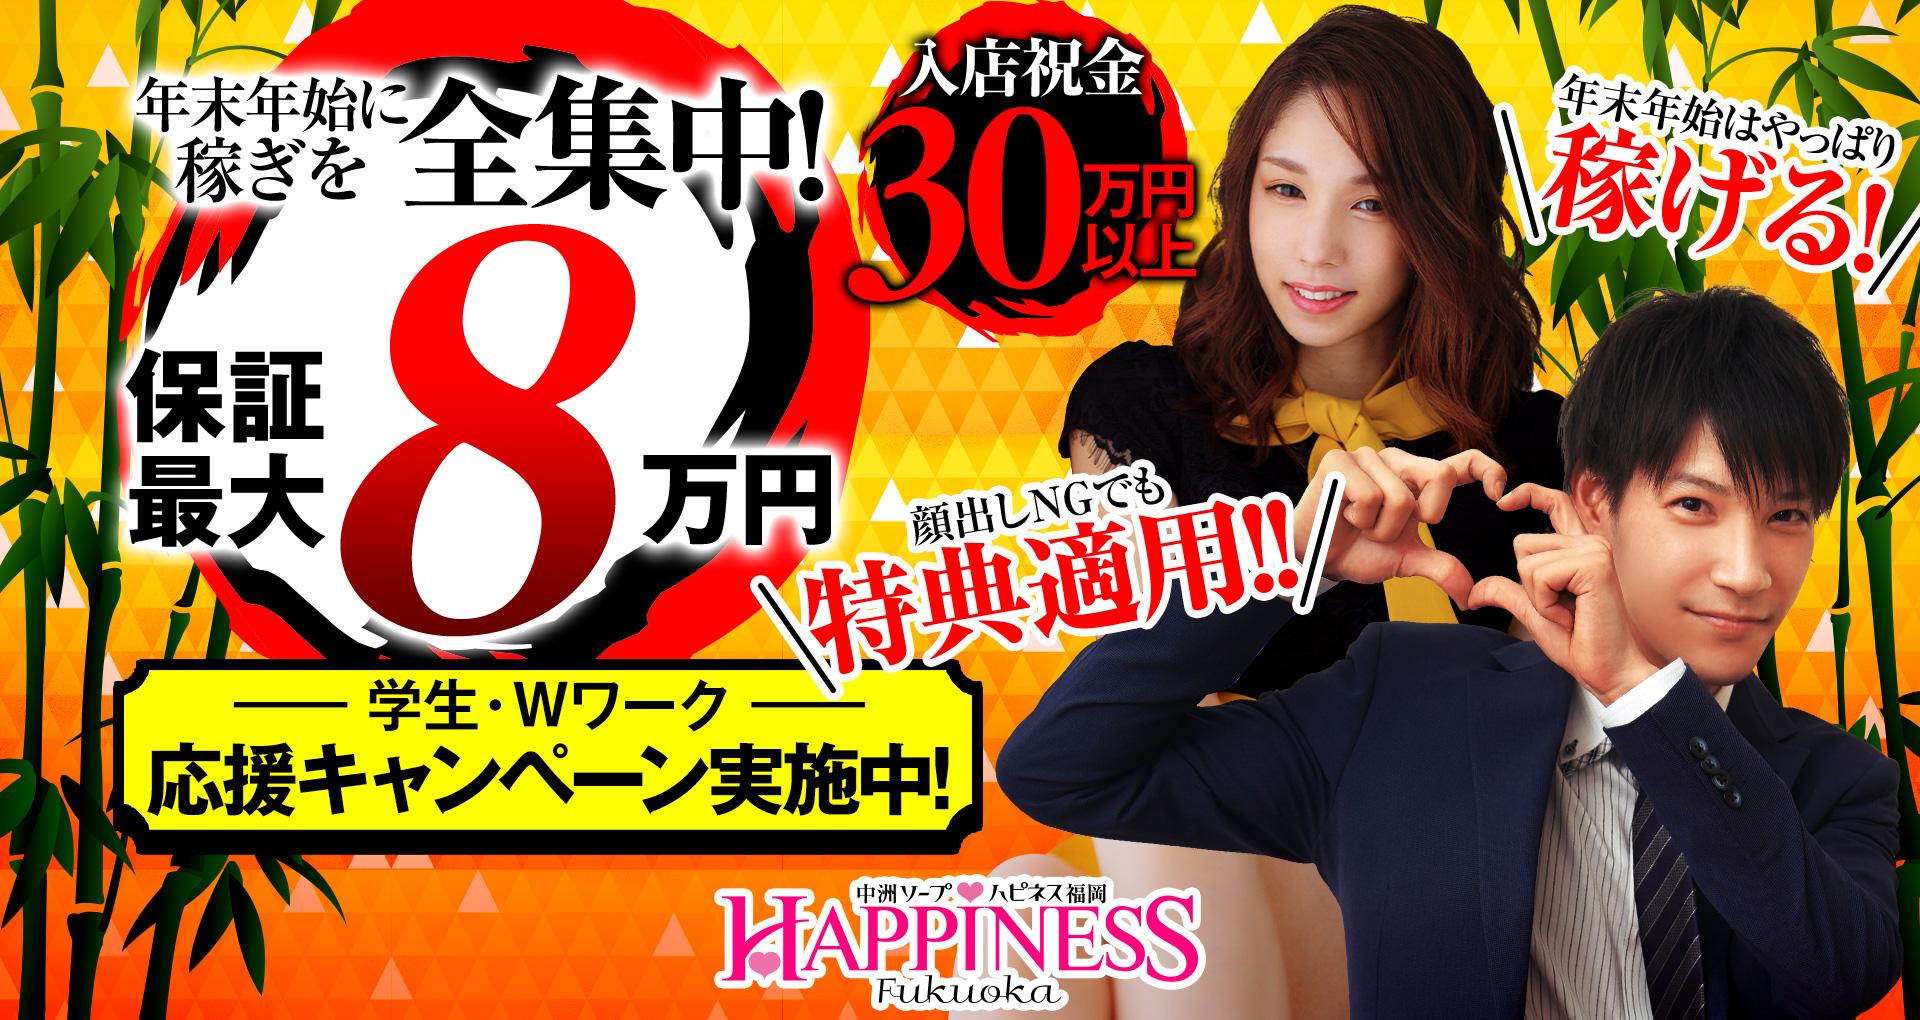 中洲ソープ ハピネス福岡の求人画像